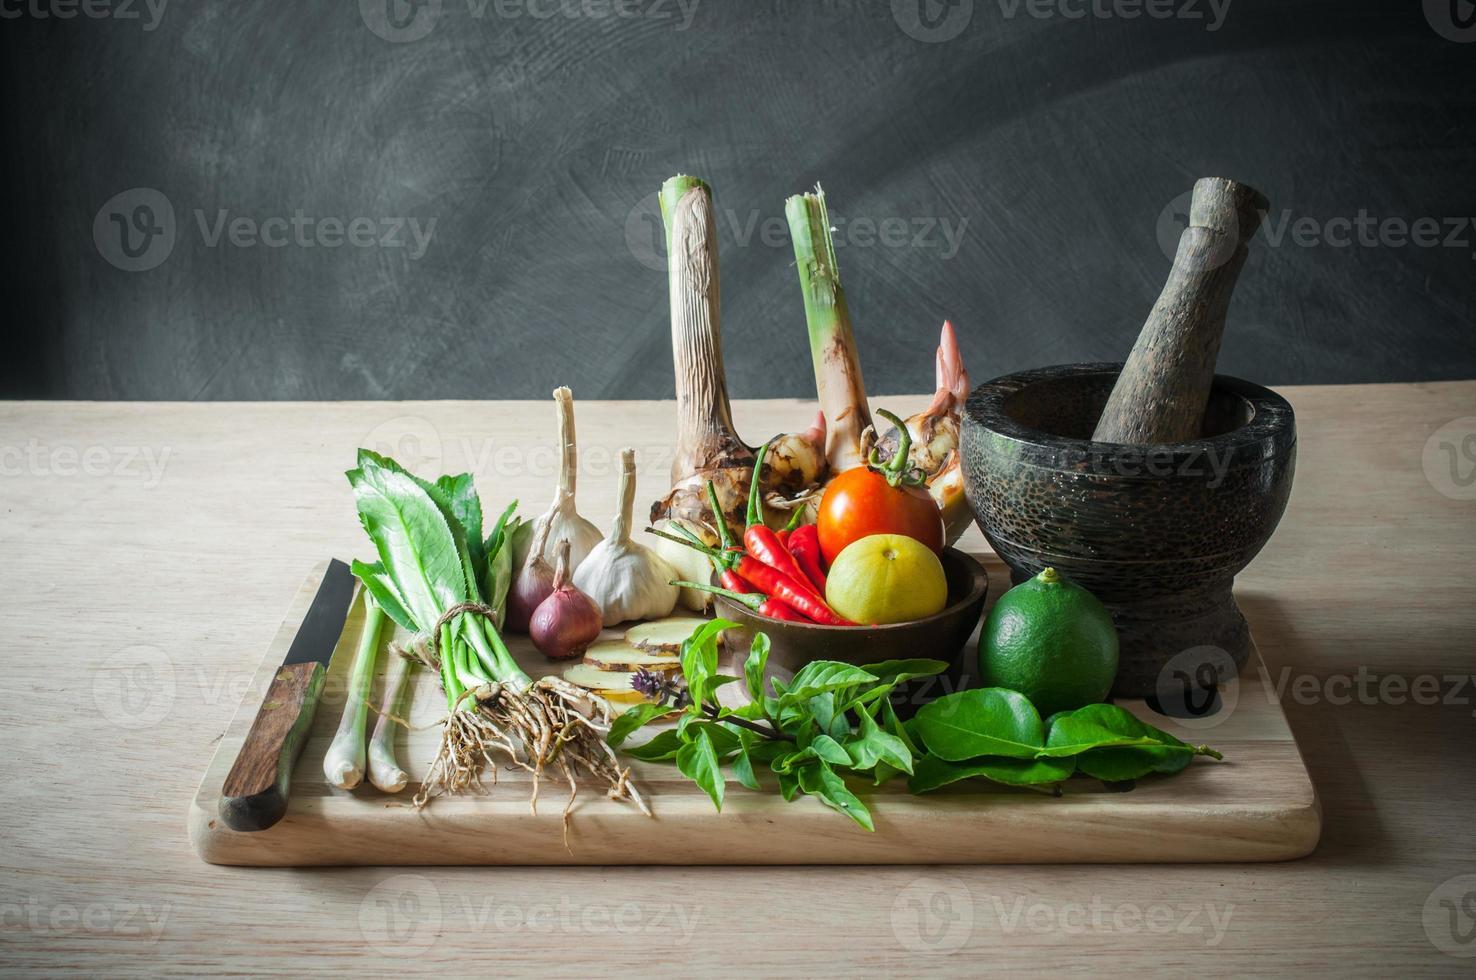 stilleven van plantaardige voedsel en keuken gereedschap object foto